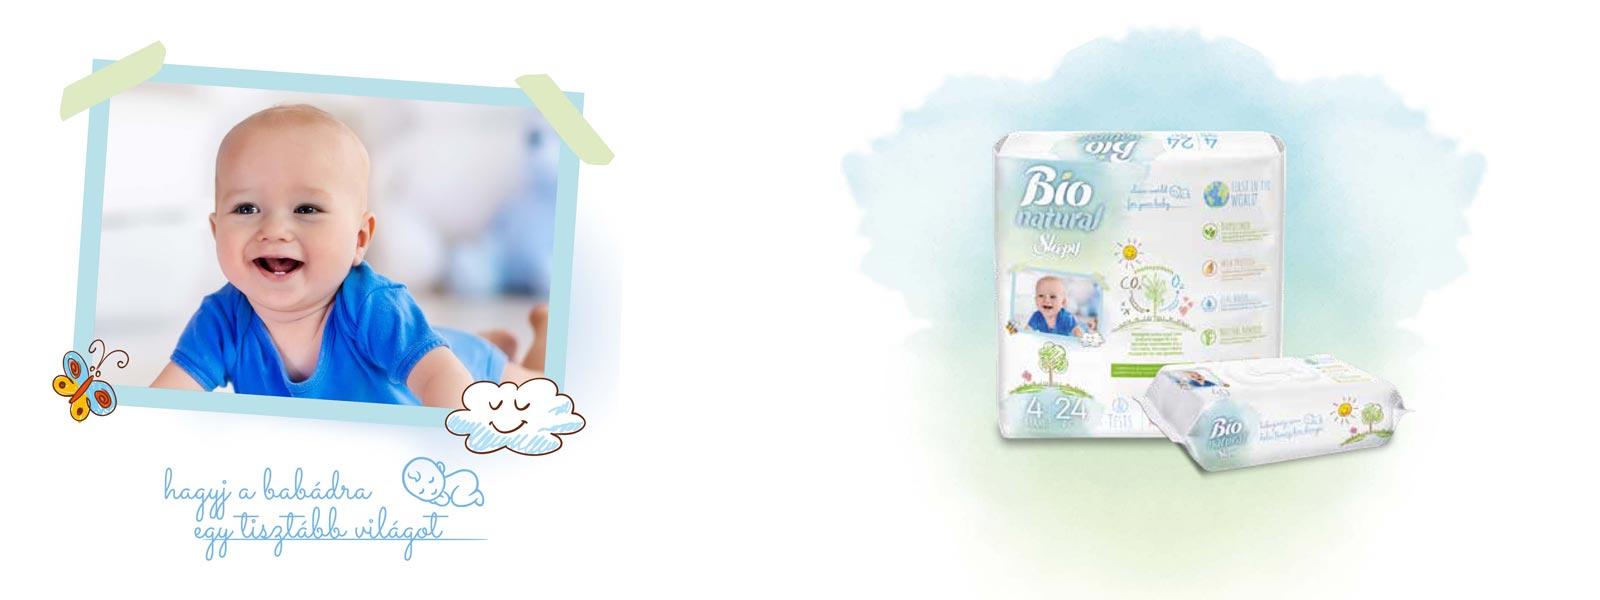 Sleepy Bio natural termékcsalád